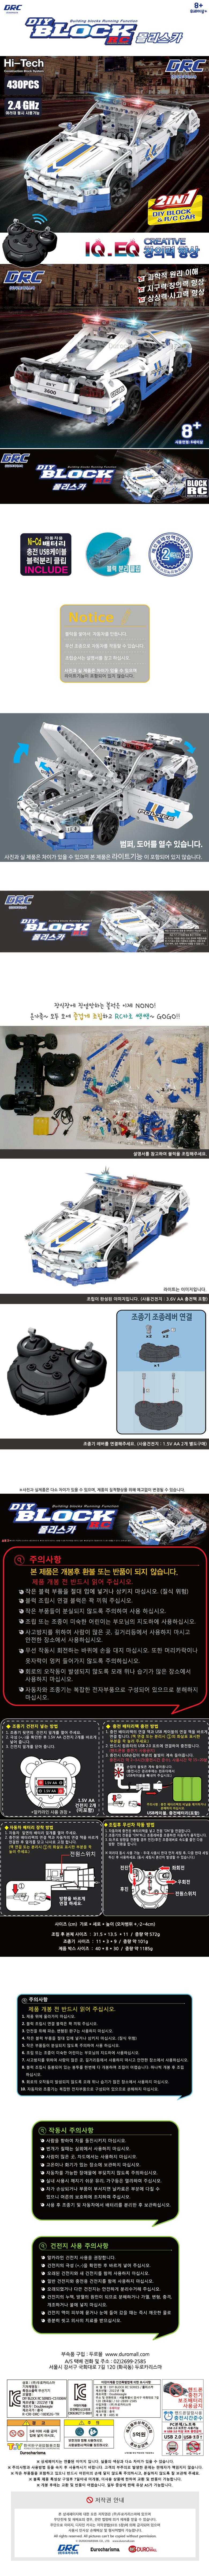 [두로카리스마] DIY BLOCK RC 폴리스카 430PCS - 토이비젼, 64,000원, R/C 드론/쿼드콥터, 드론